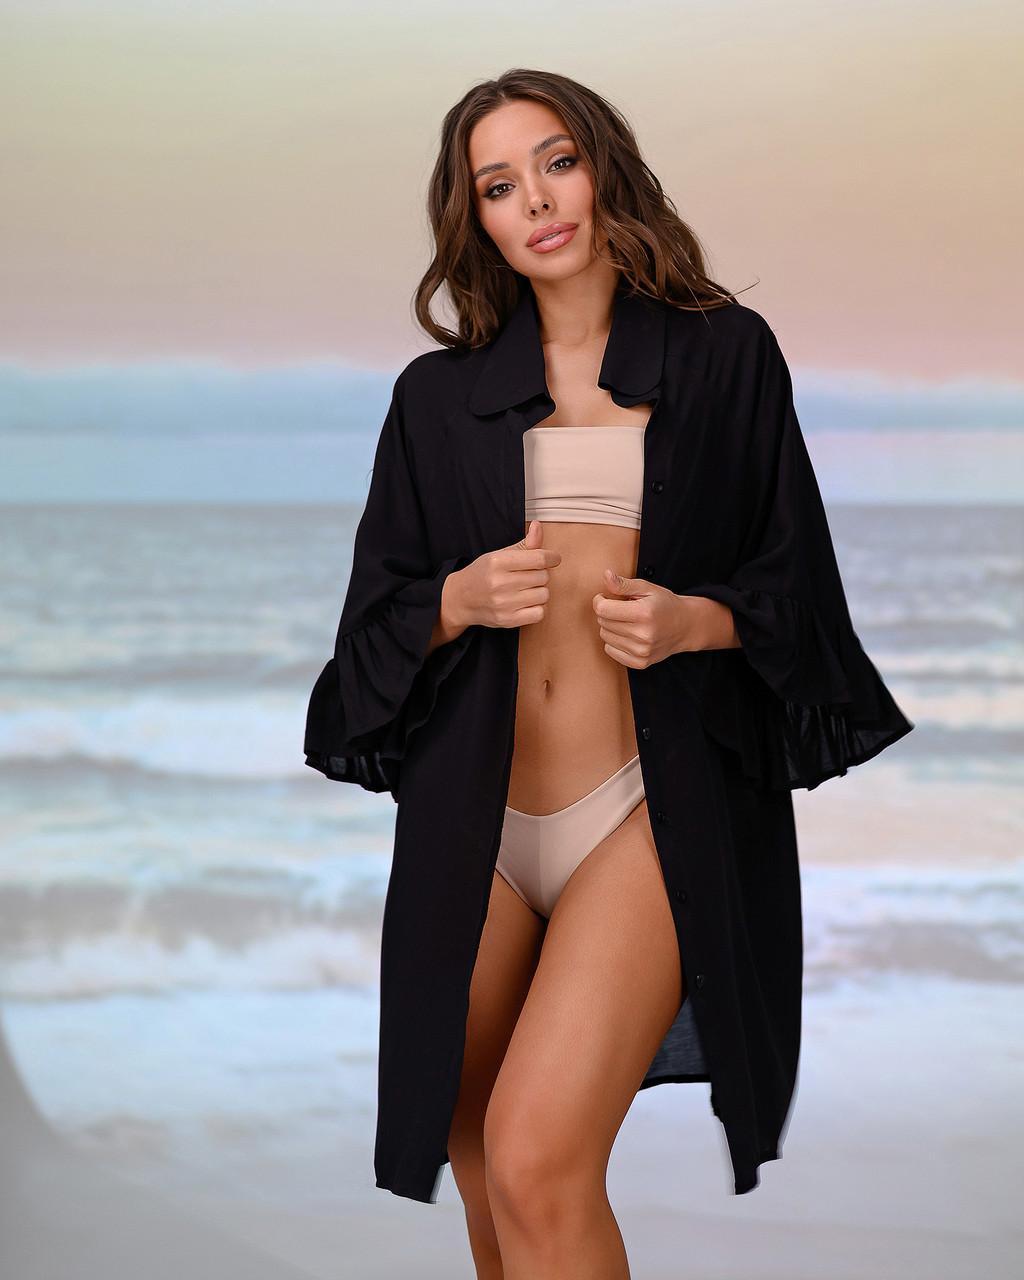 Короткая пляжная туника-рубашка. Цвет черный. Размер 42-44